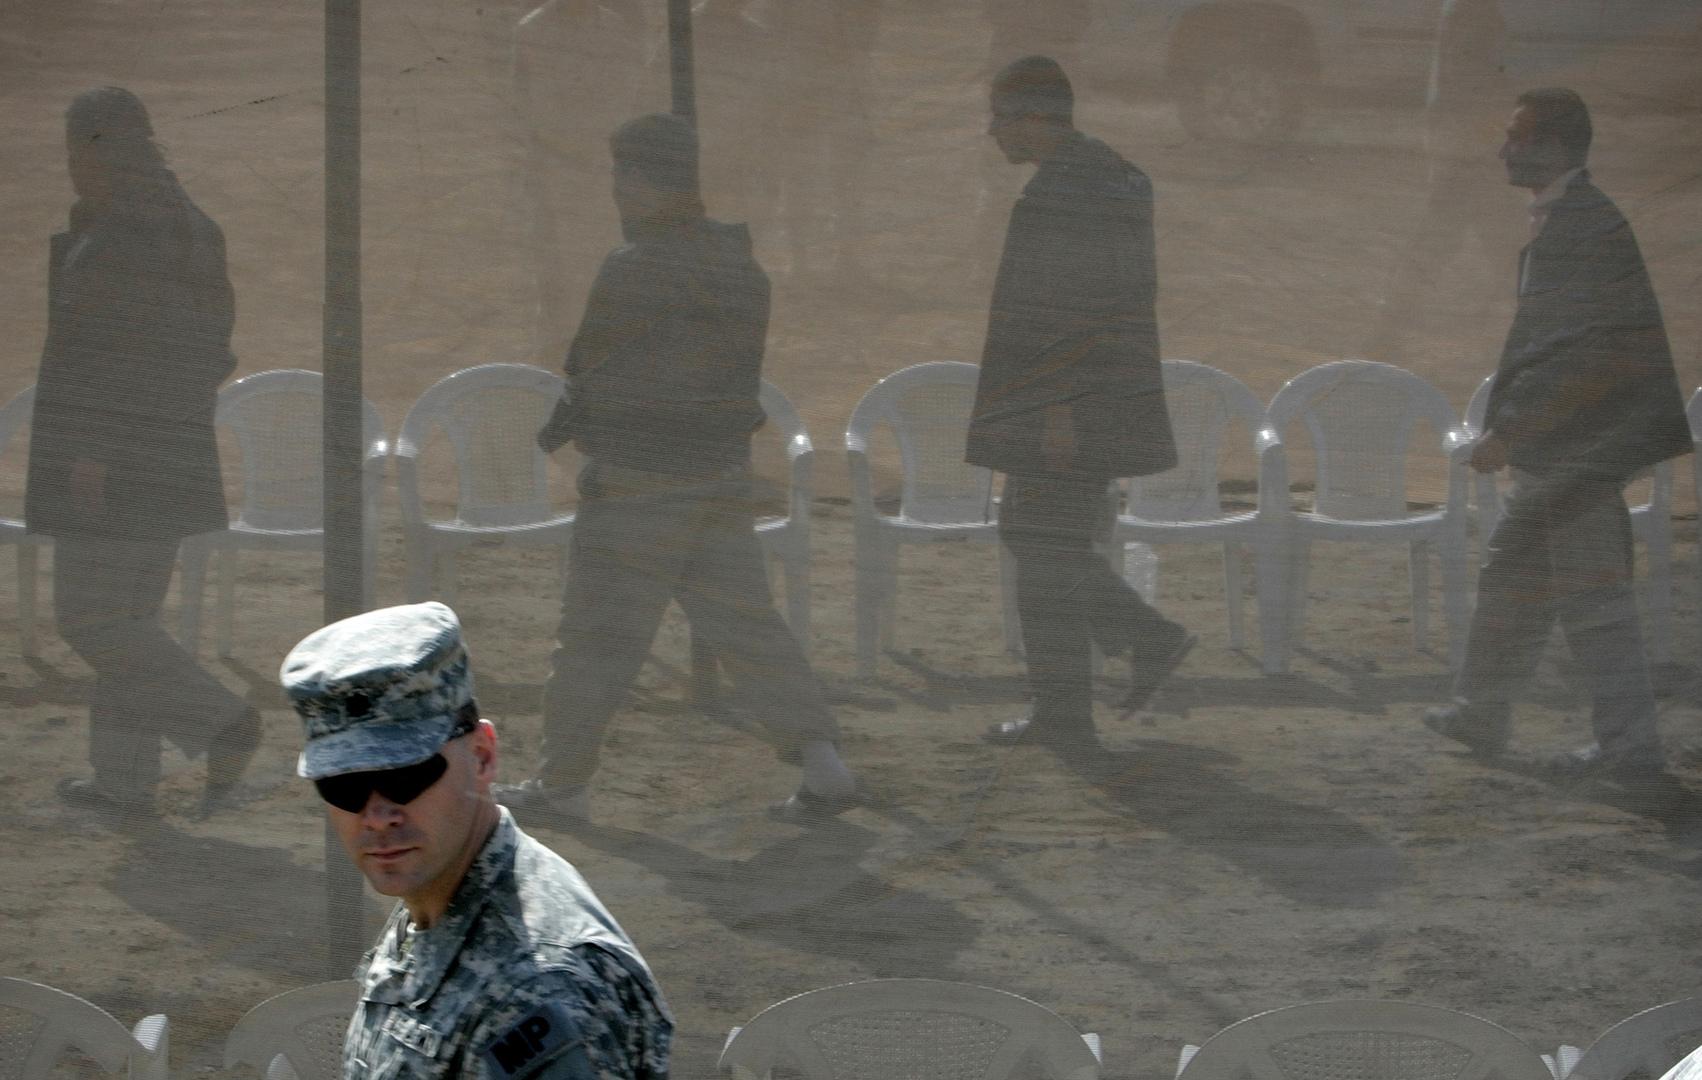 سجن بوكا في العراق